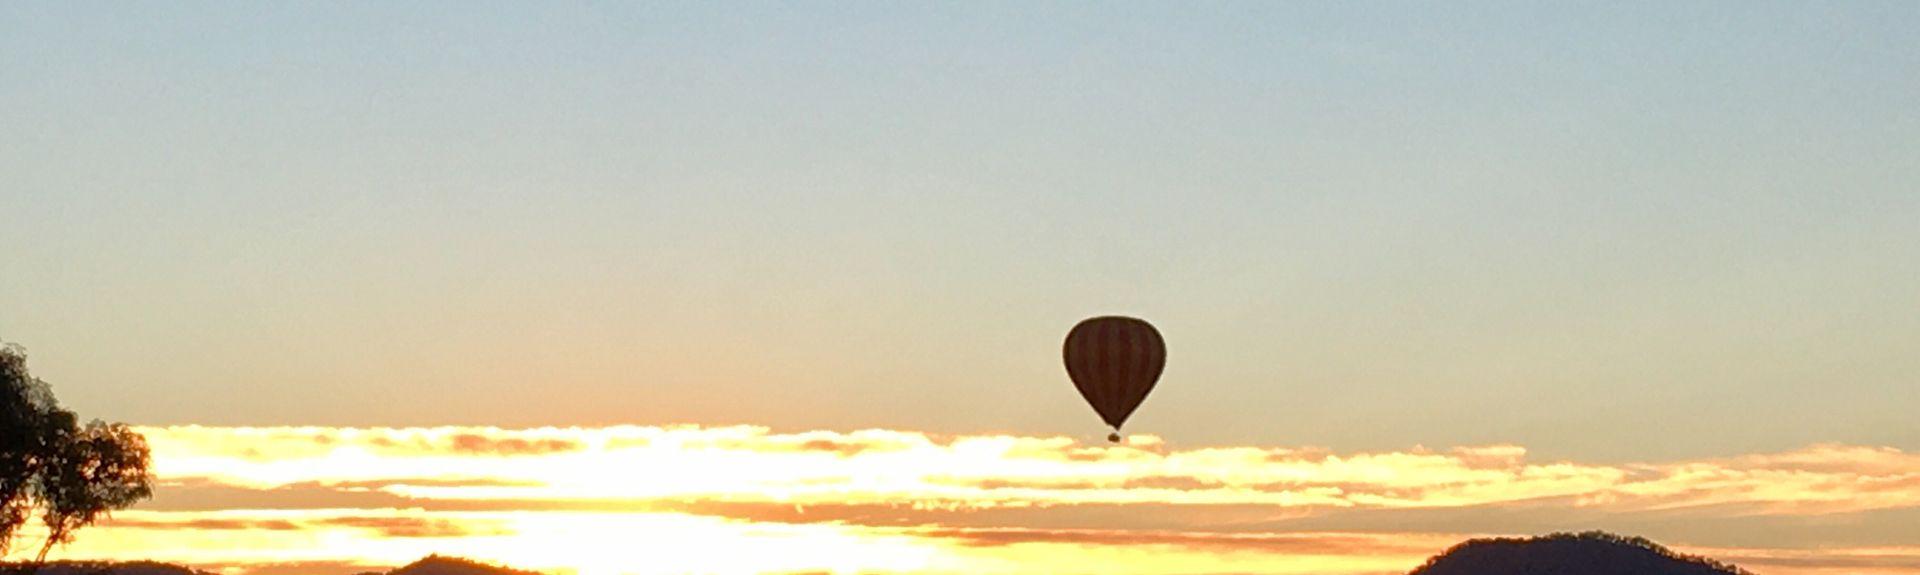 Darlington, QLD, Australia